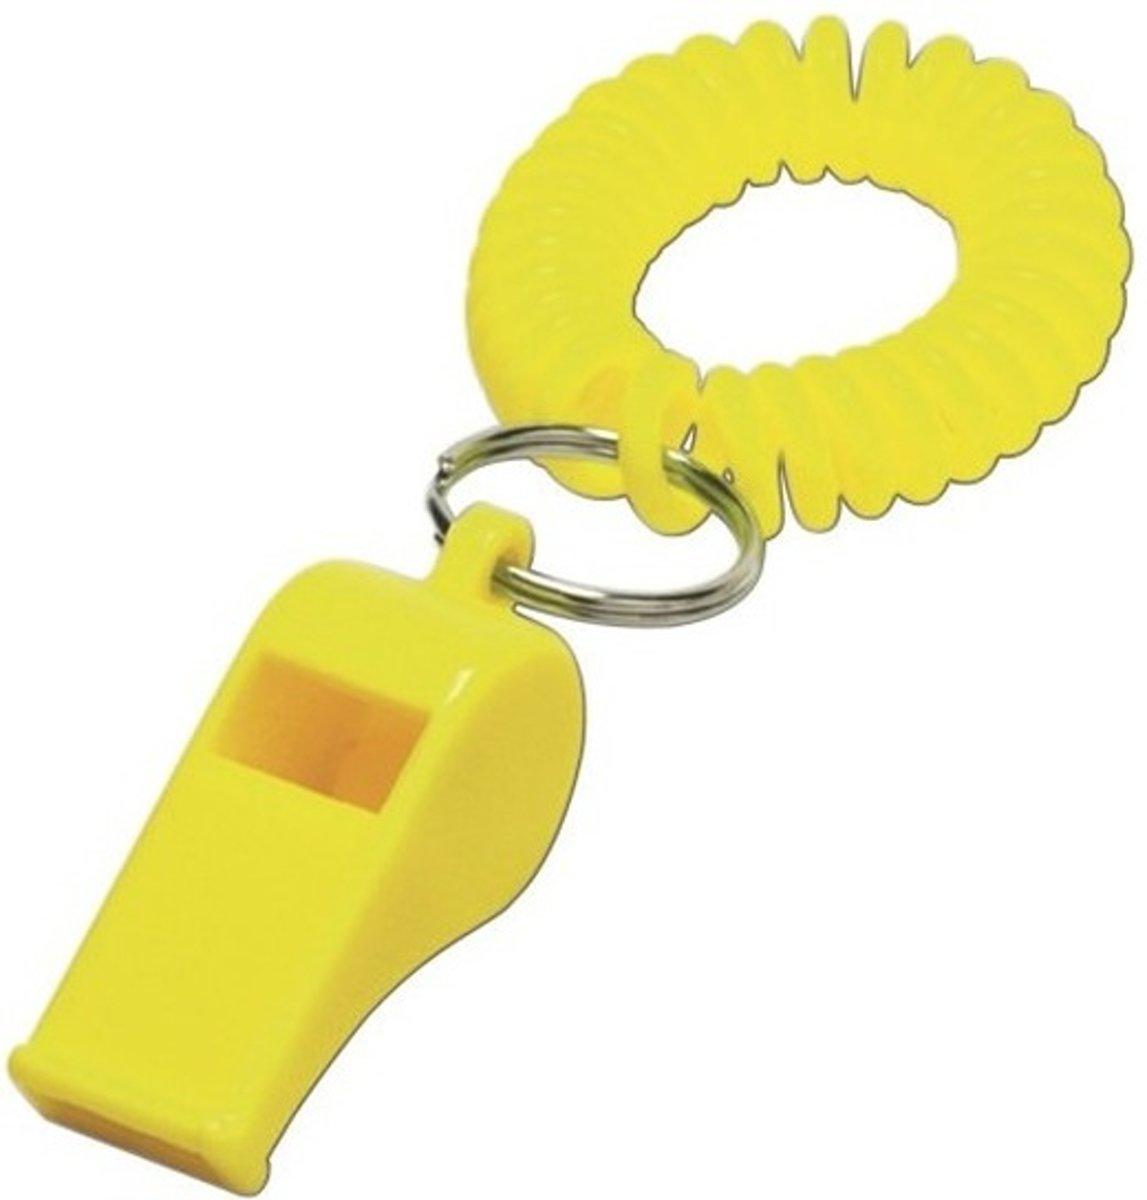 2x Geel fluitje aan polsbandje - Supporters/sportdag artikelen kopen